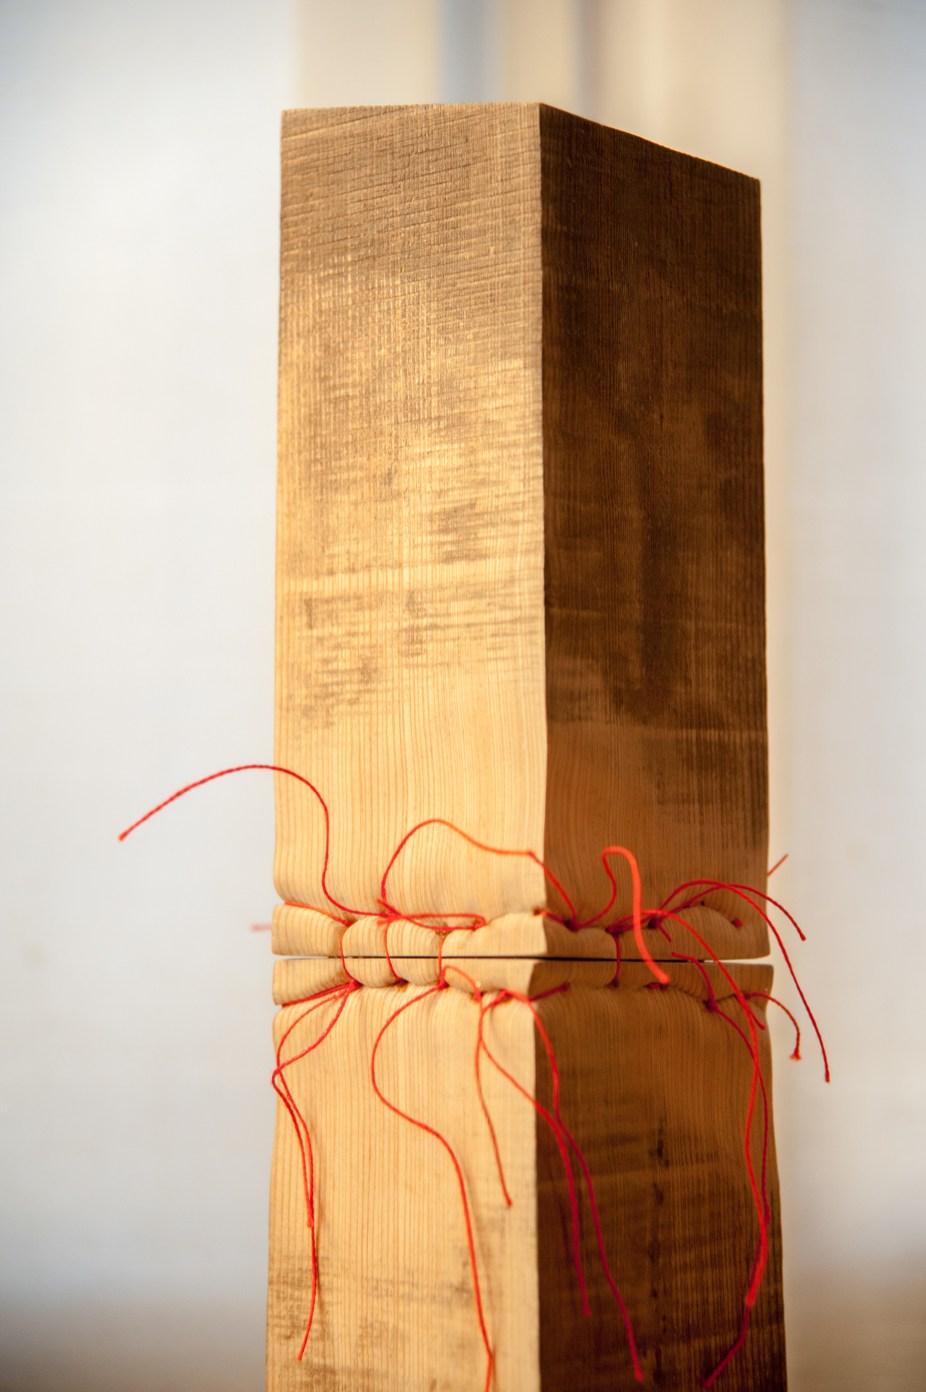 legno di larice, filo di cotone, acciaio e ottone (53 x 13 cm – diametro della base)